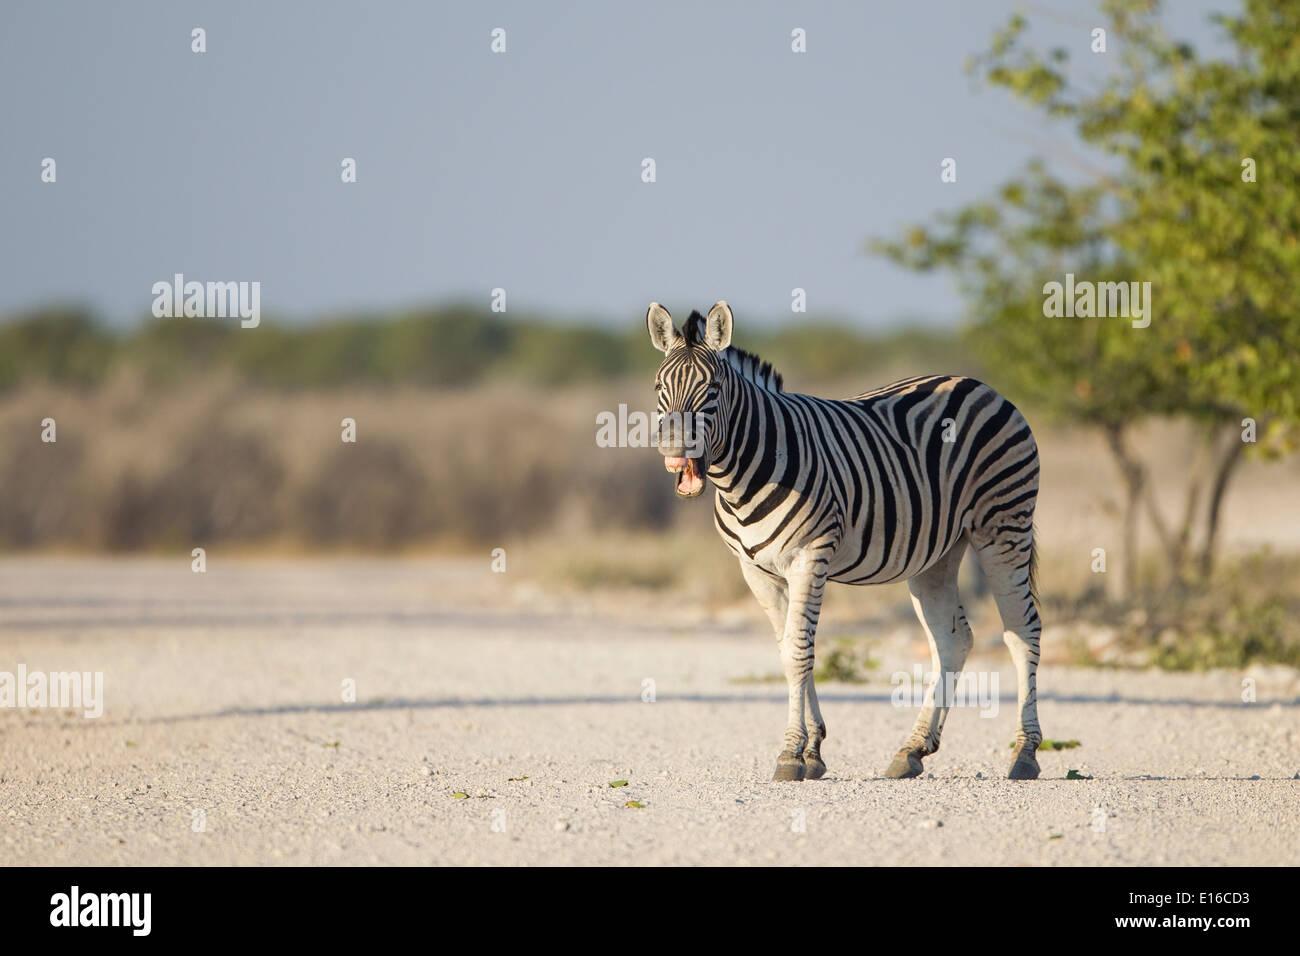 Zebra in Afrika Stockbild